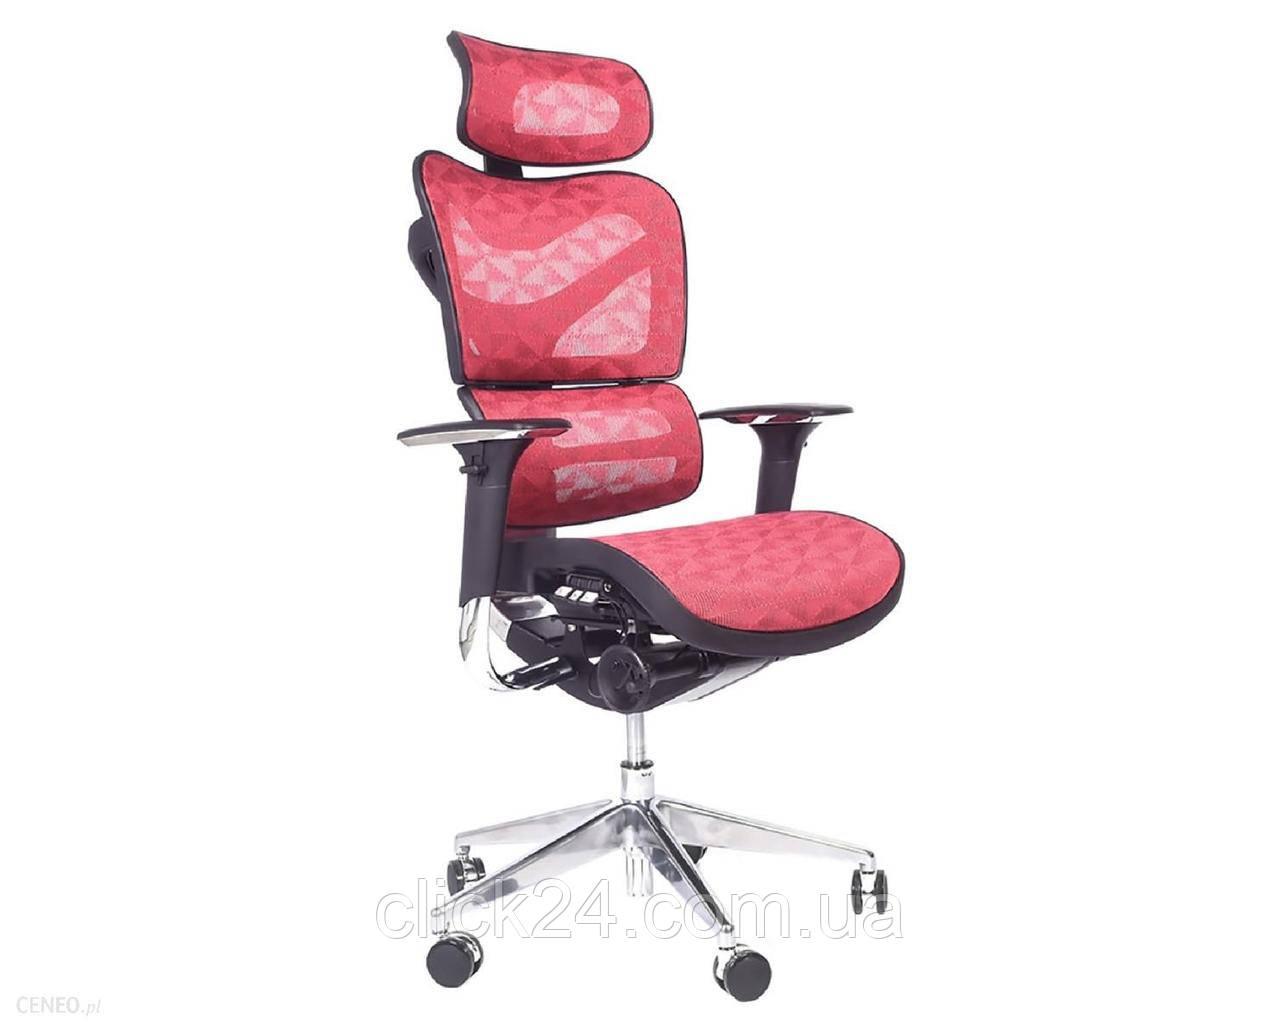 Bemondi Ergonomiczny Fotel Biurowy Ergo 700 Czerwony